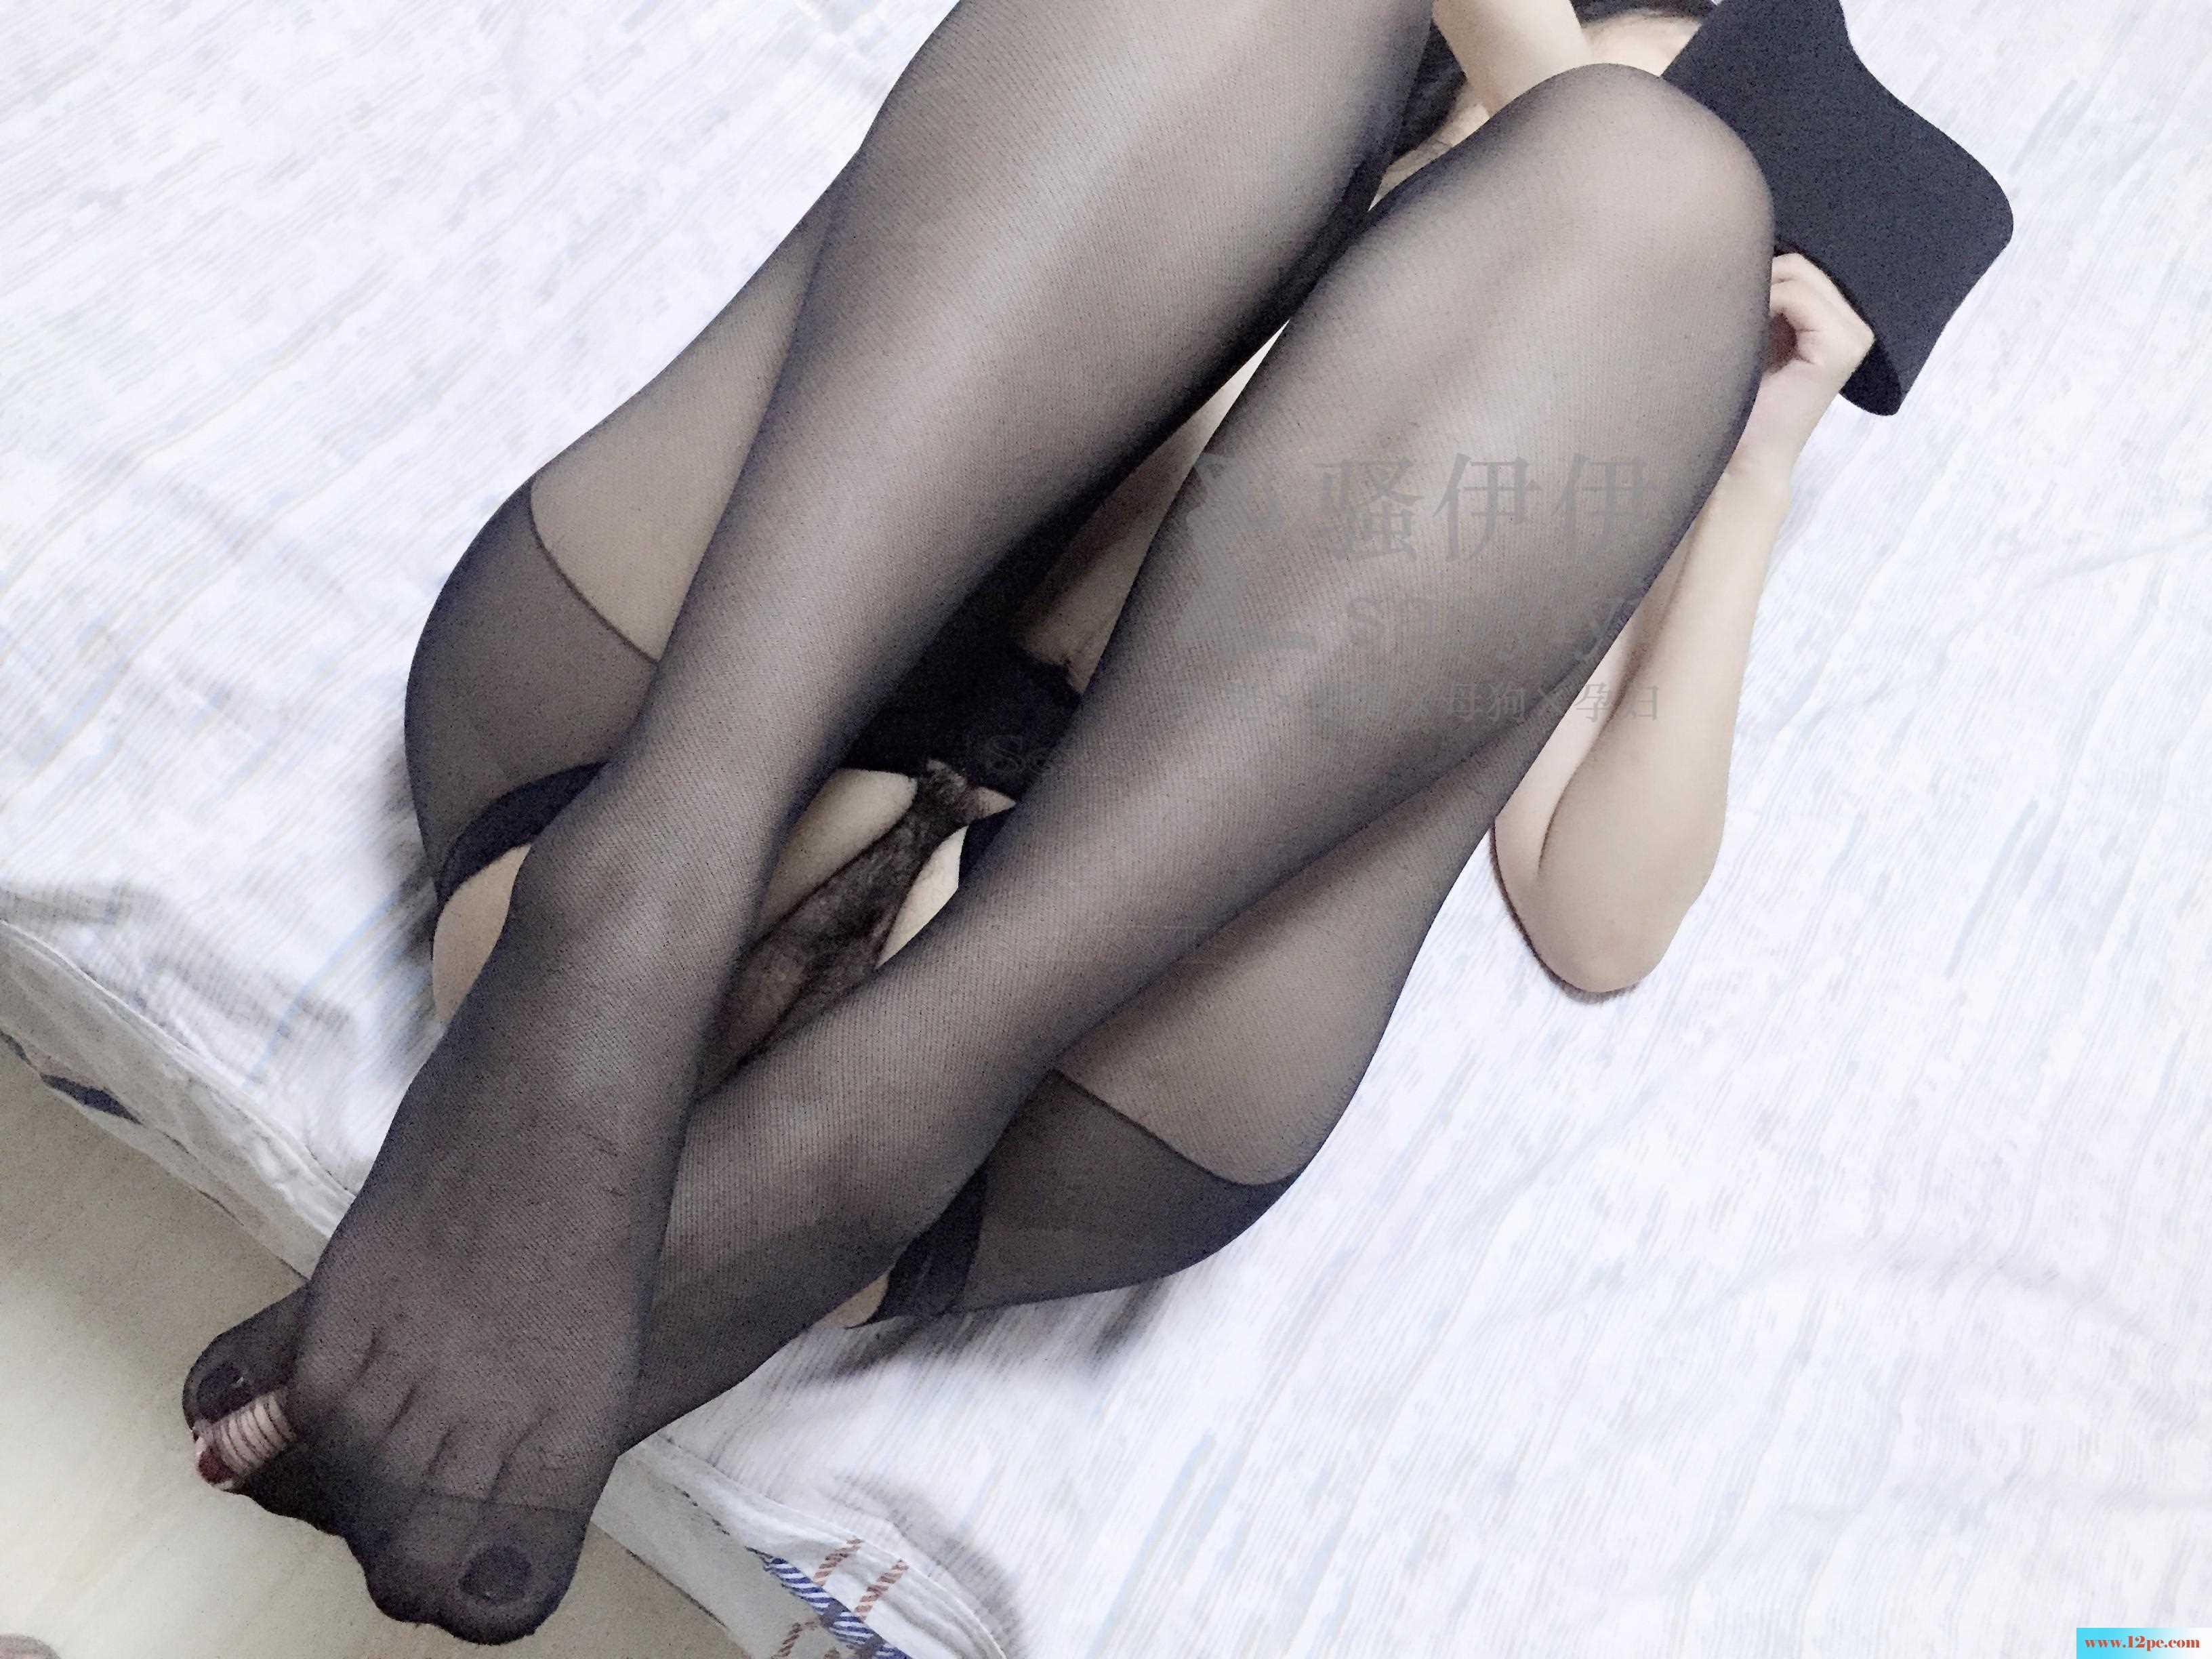 黑色淫色_黑丝高跟床边被爆操(30P)-淫色淫色-黄色图片频道-全球最大成人